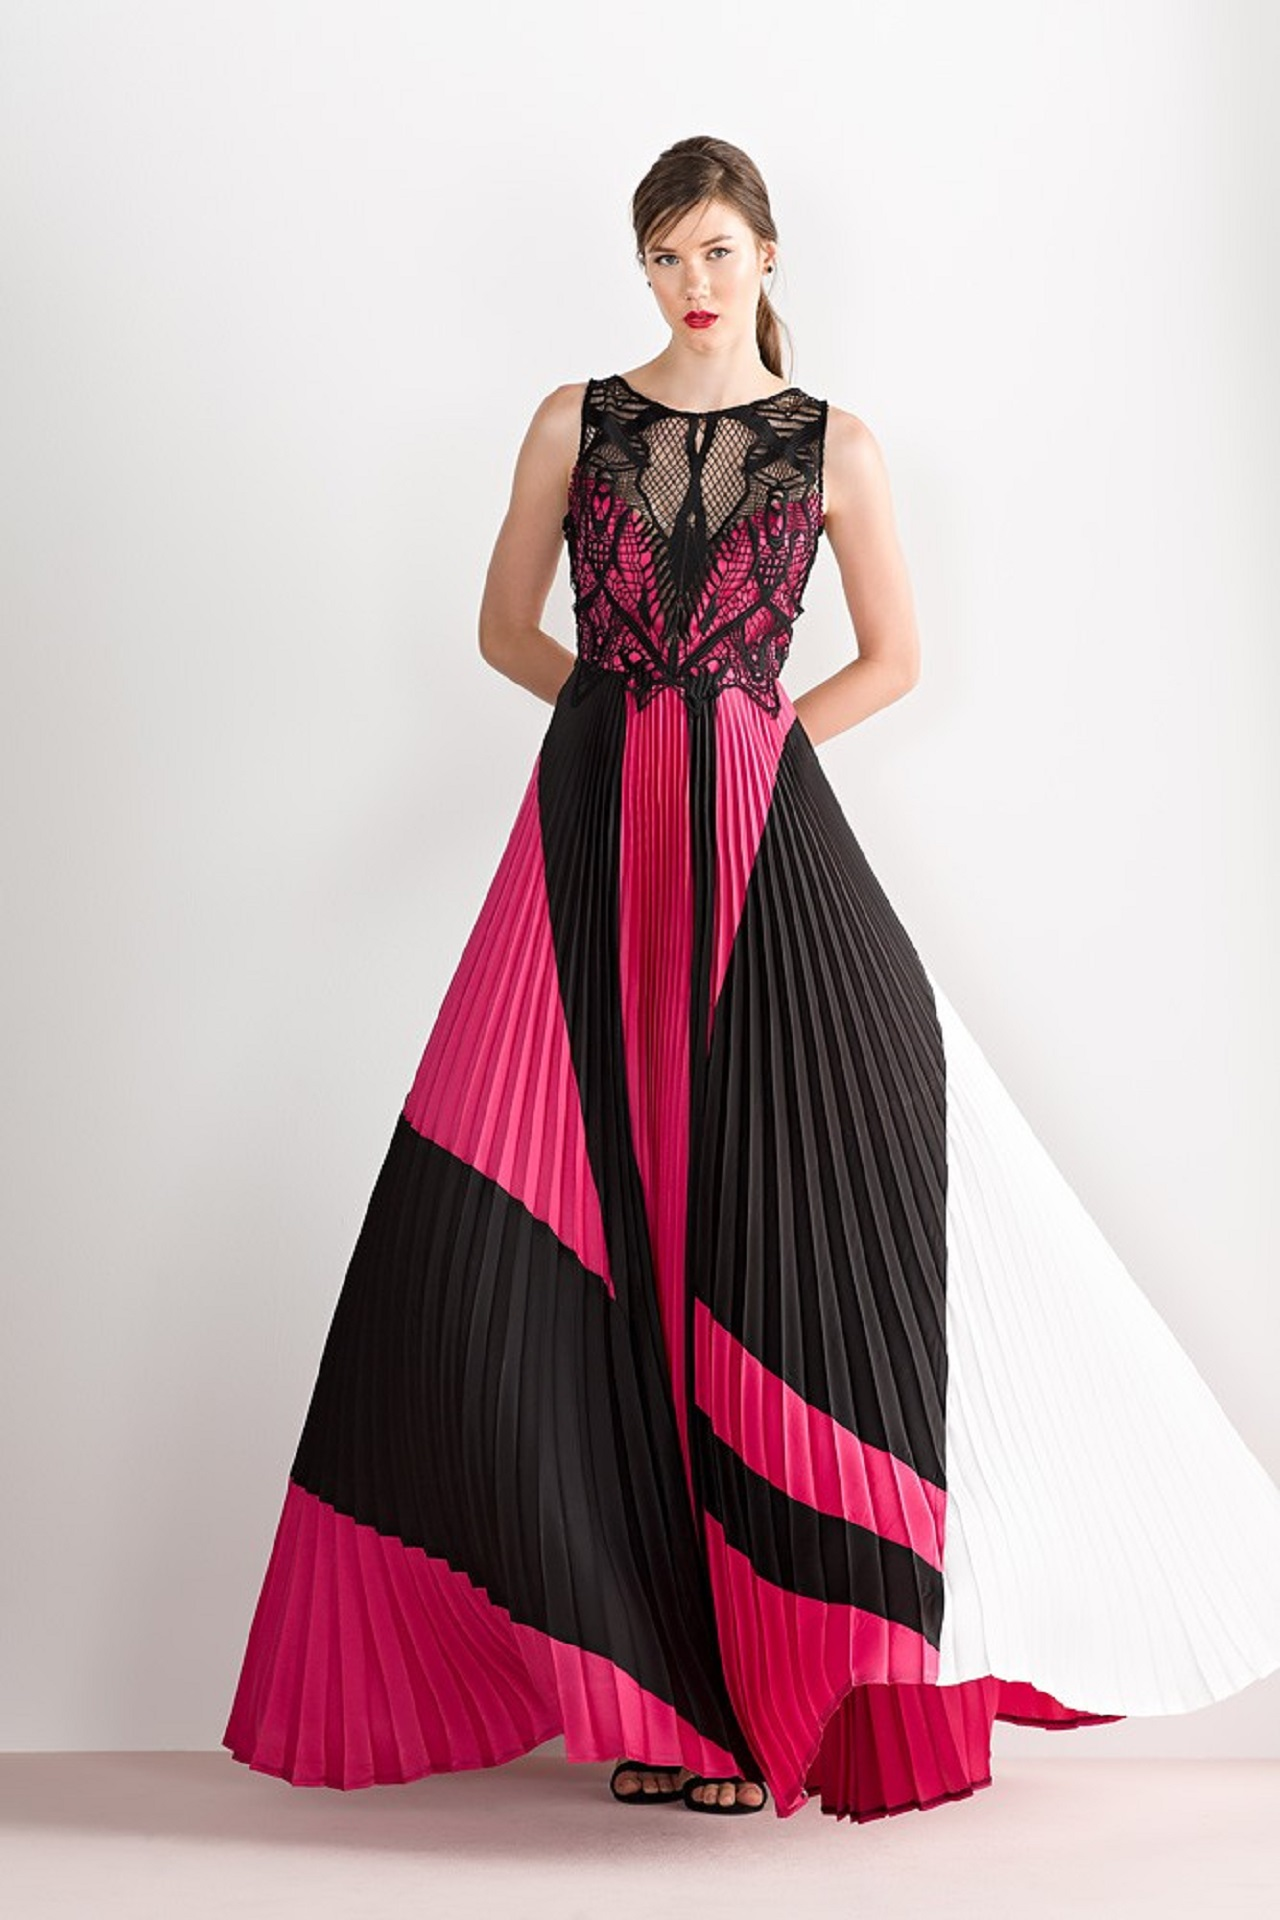 Μάξι φόρεμα πλισέ - mavridou.com 9c55762dcca